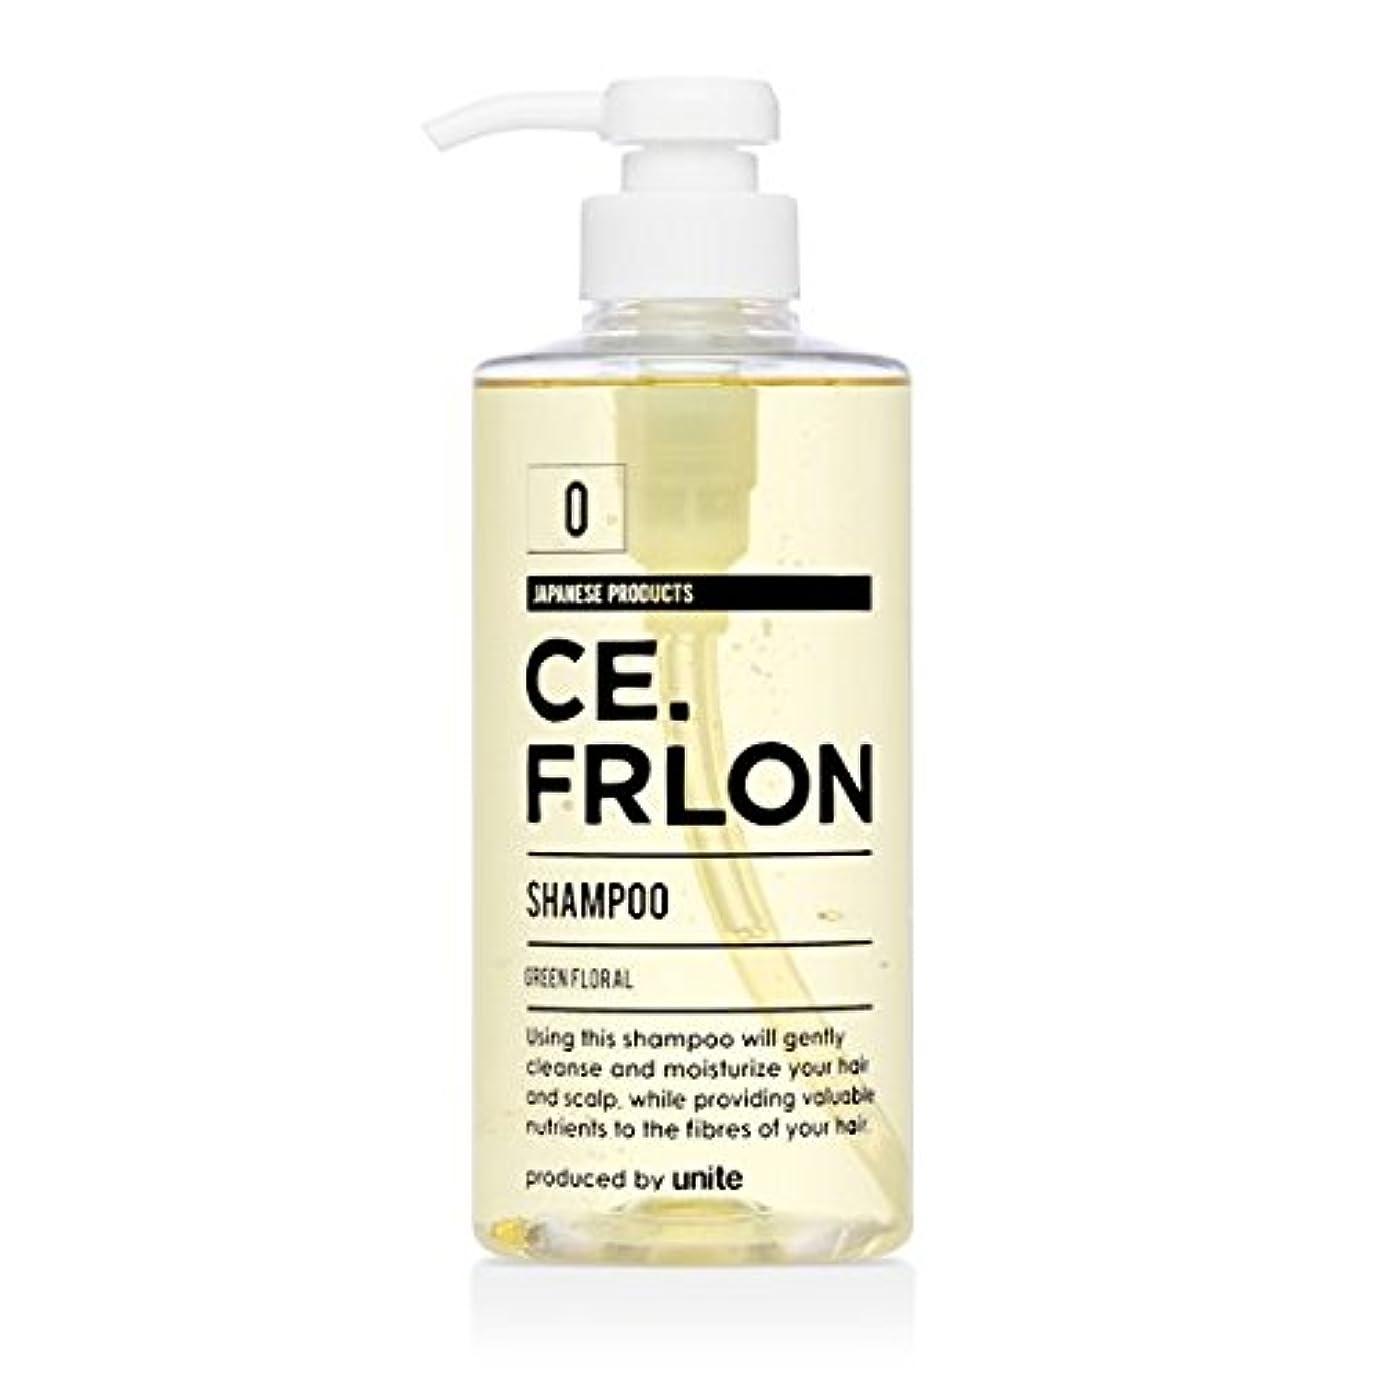 議題説教肯定的シャンプー 500ml CE.FRLON (美容師が開発したヘアケア商品)